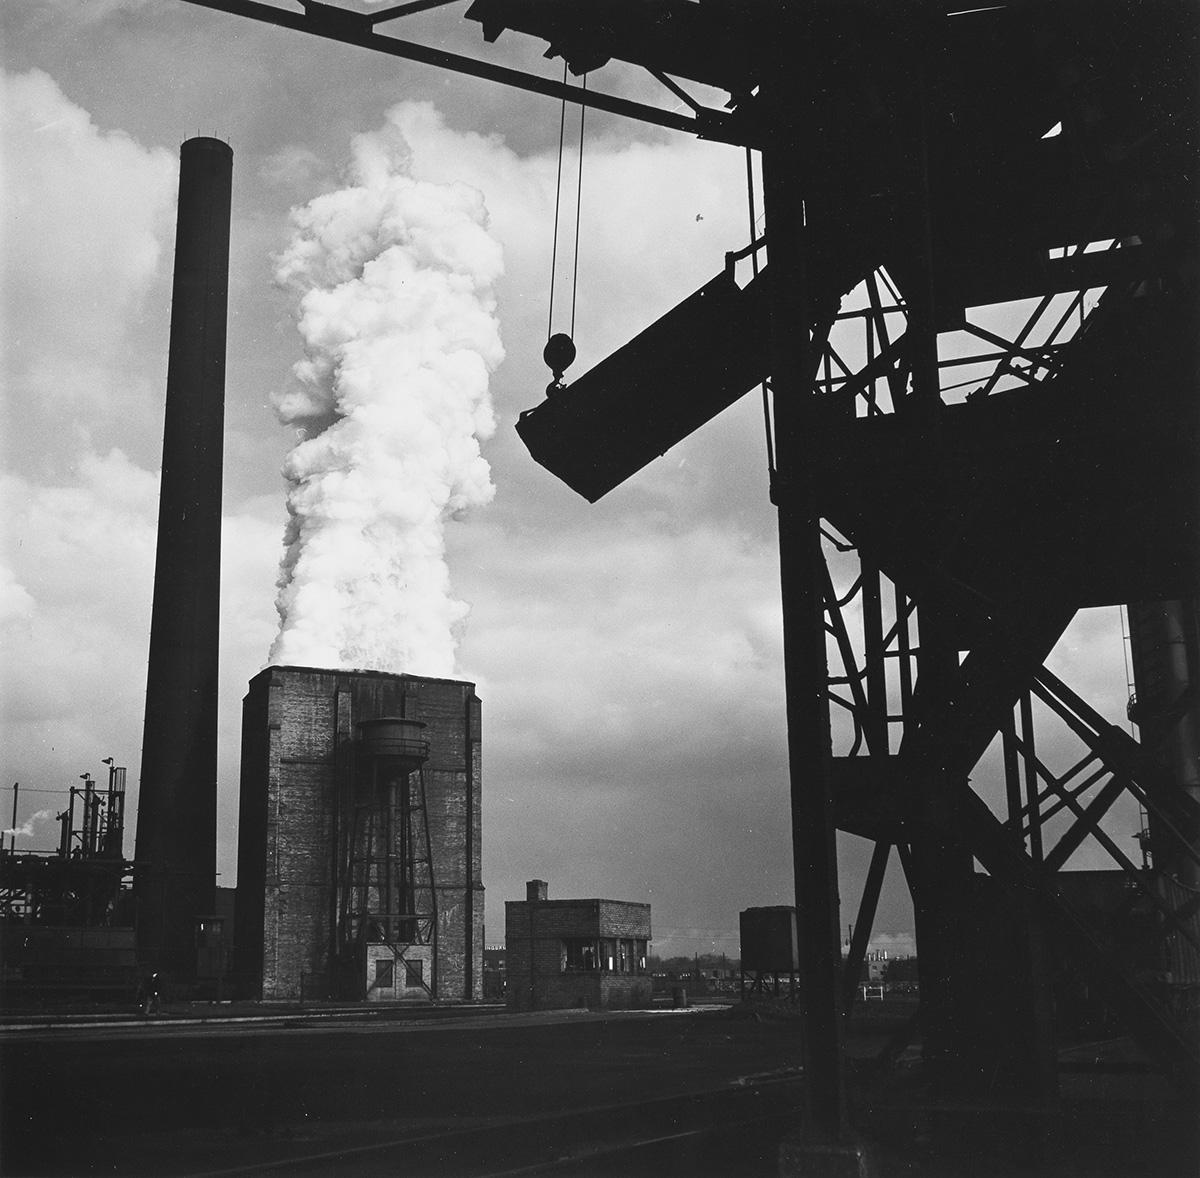 WALKER-EVANS-(1903-1975)-River-Rouge-Plant-(Ford-Motor-Compa